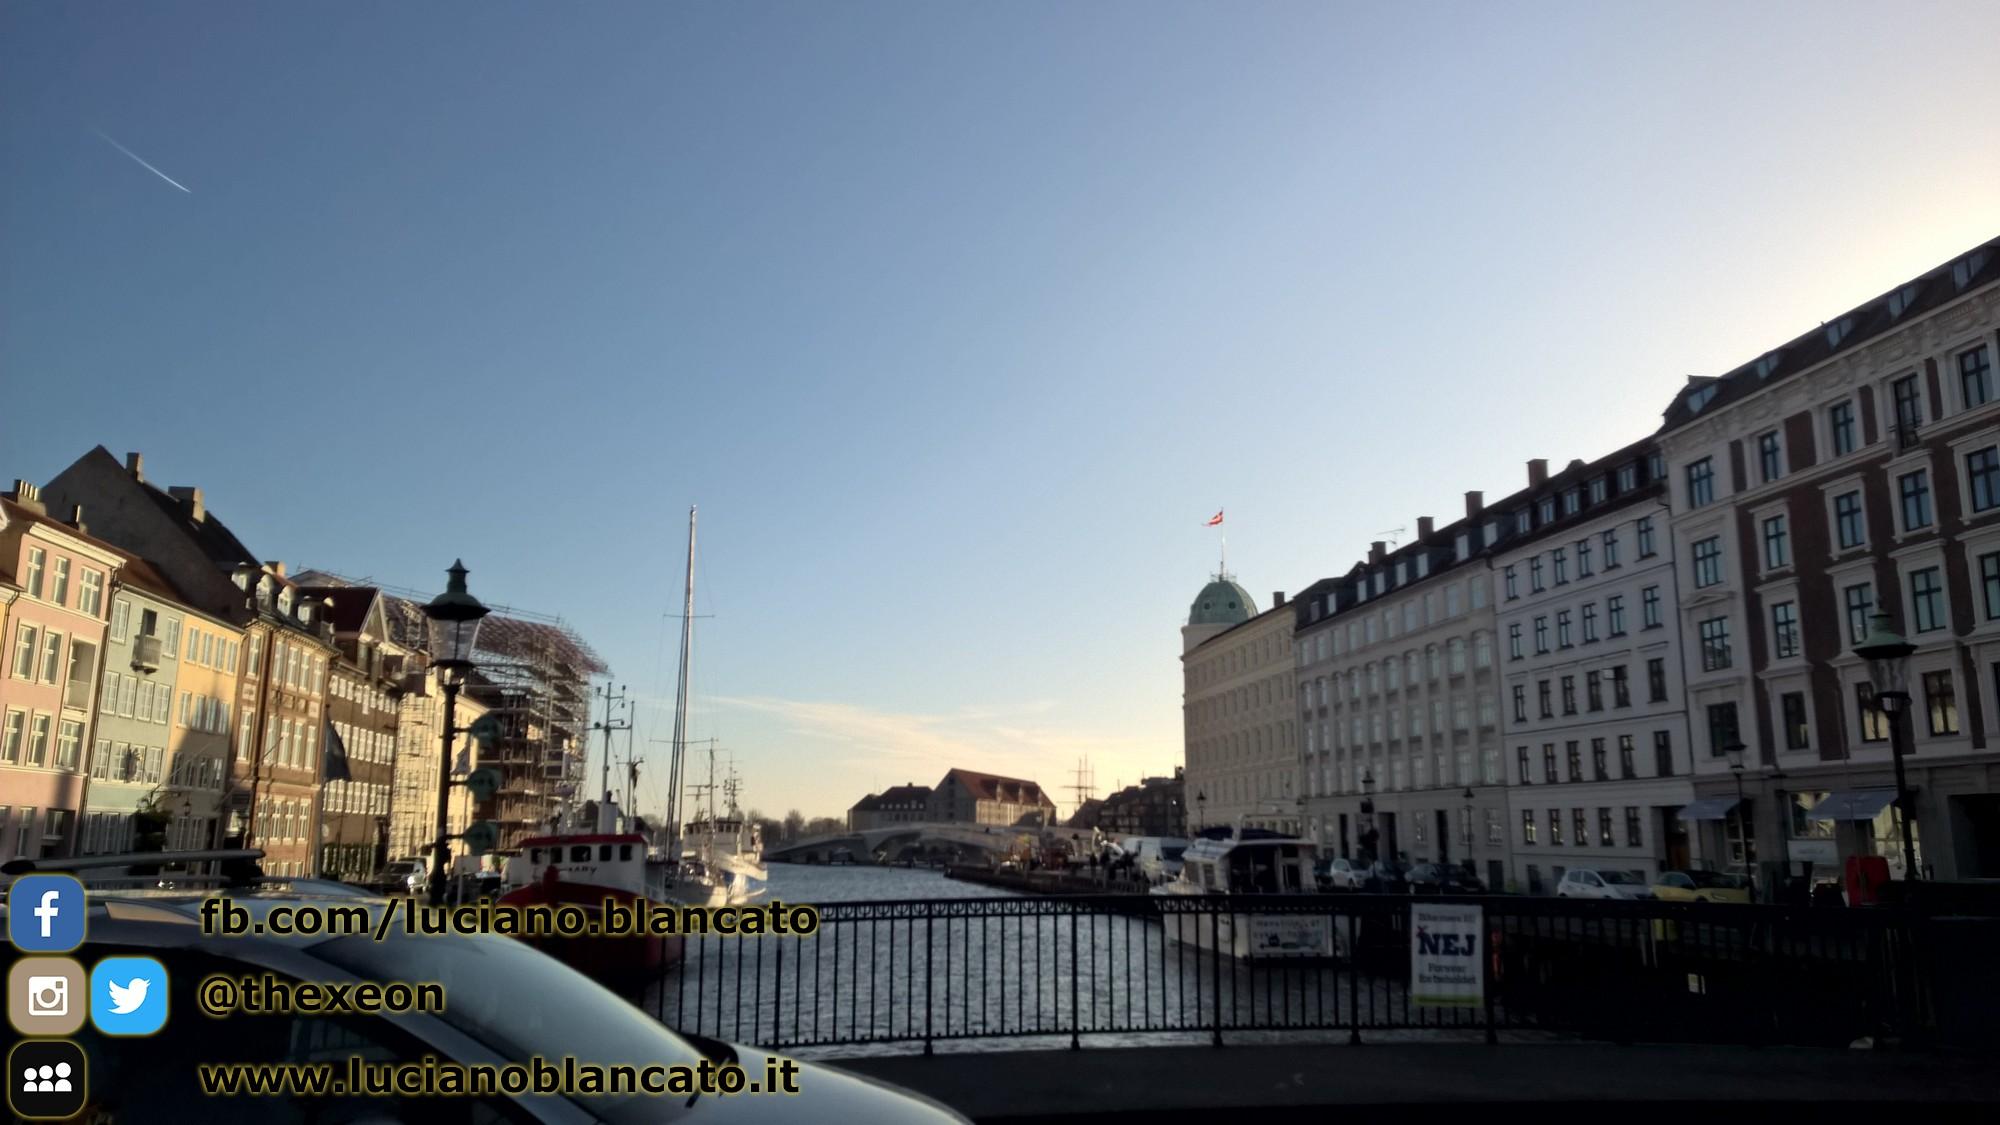 Passeggiando per i canali a Copenaghen - Danimarca